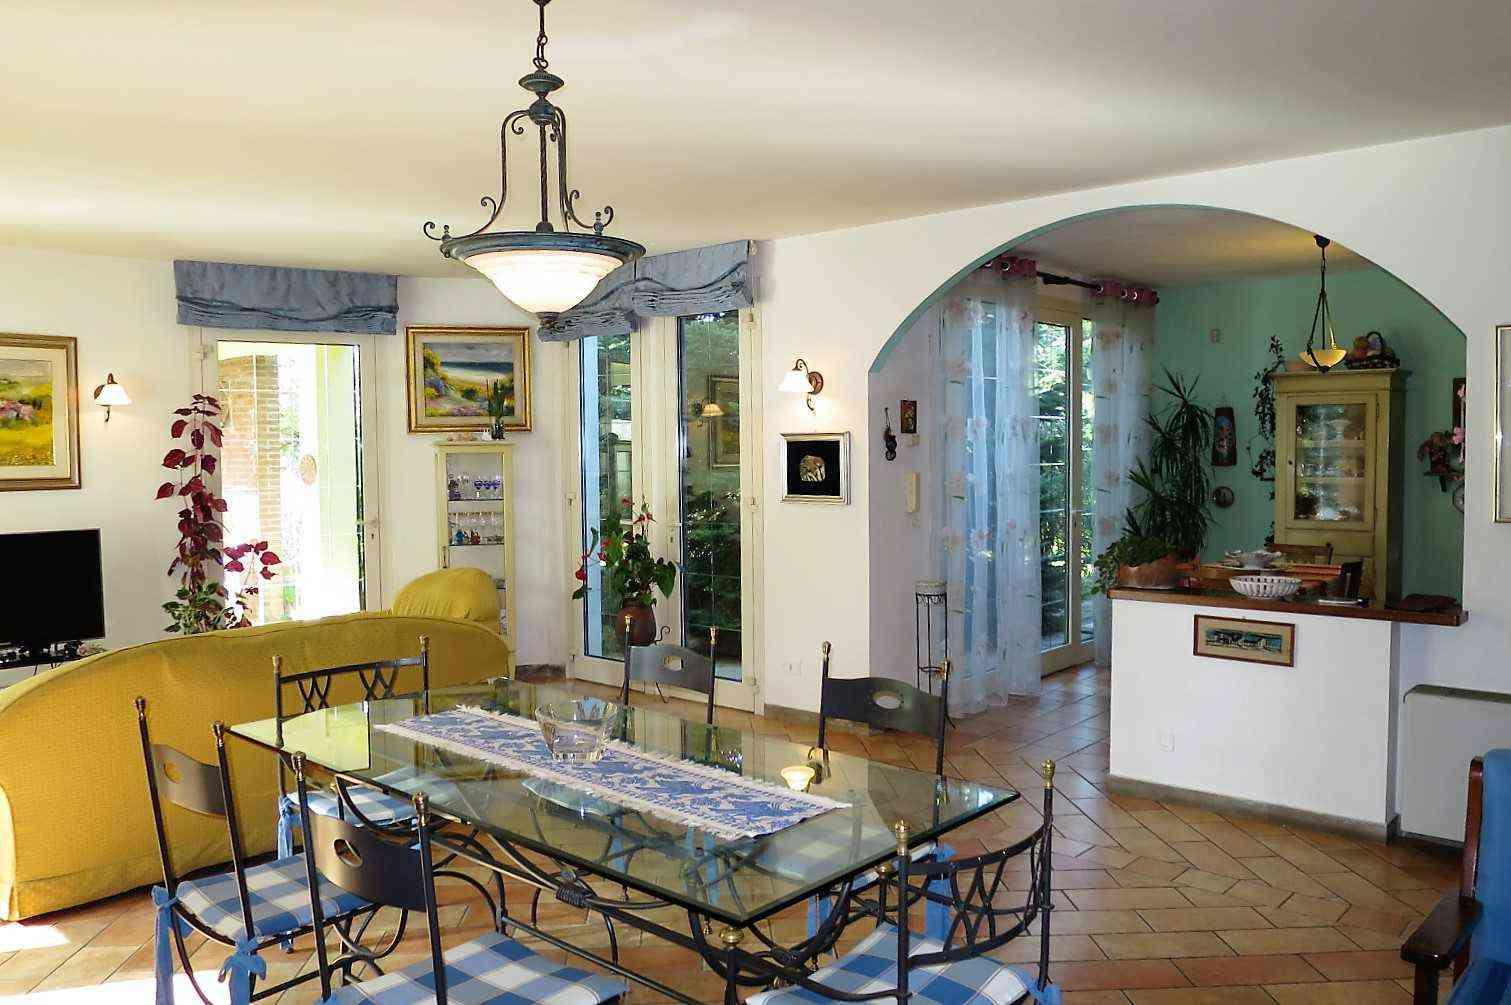 Villa Villa for sale Atri (TE), Villa Paola - Atri - EUR 473.281 120